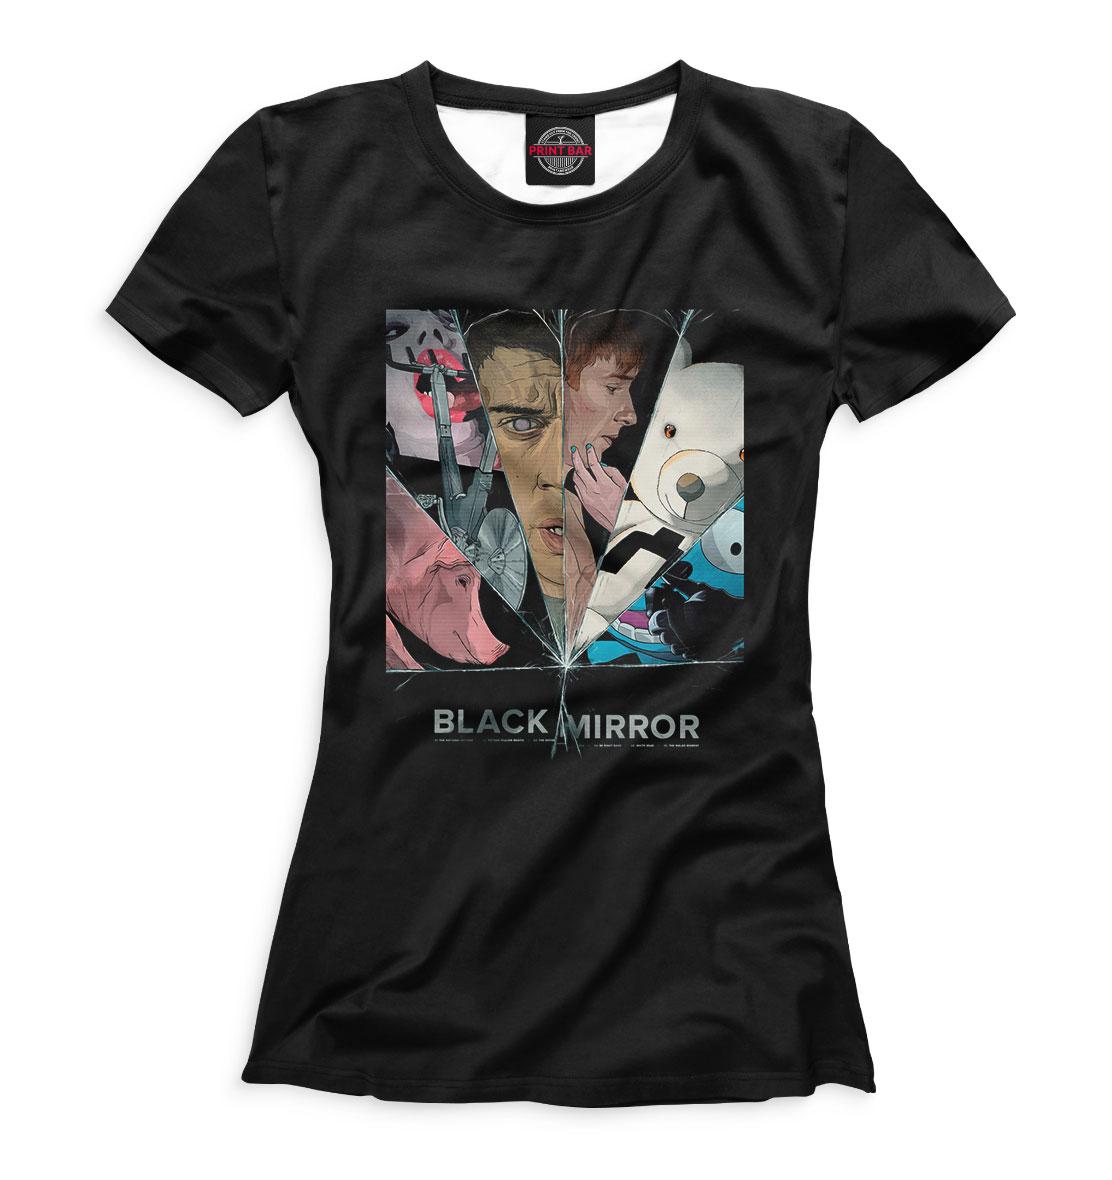 «Black Mirror» — футболка женская, артикул: BLM-183244-fut-1